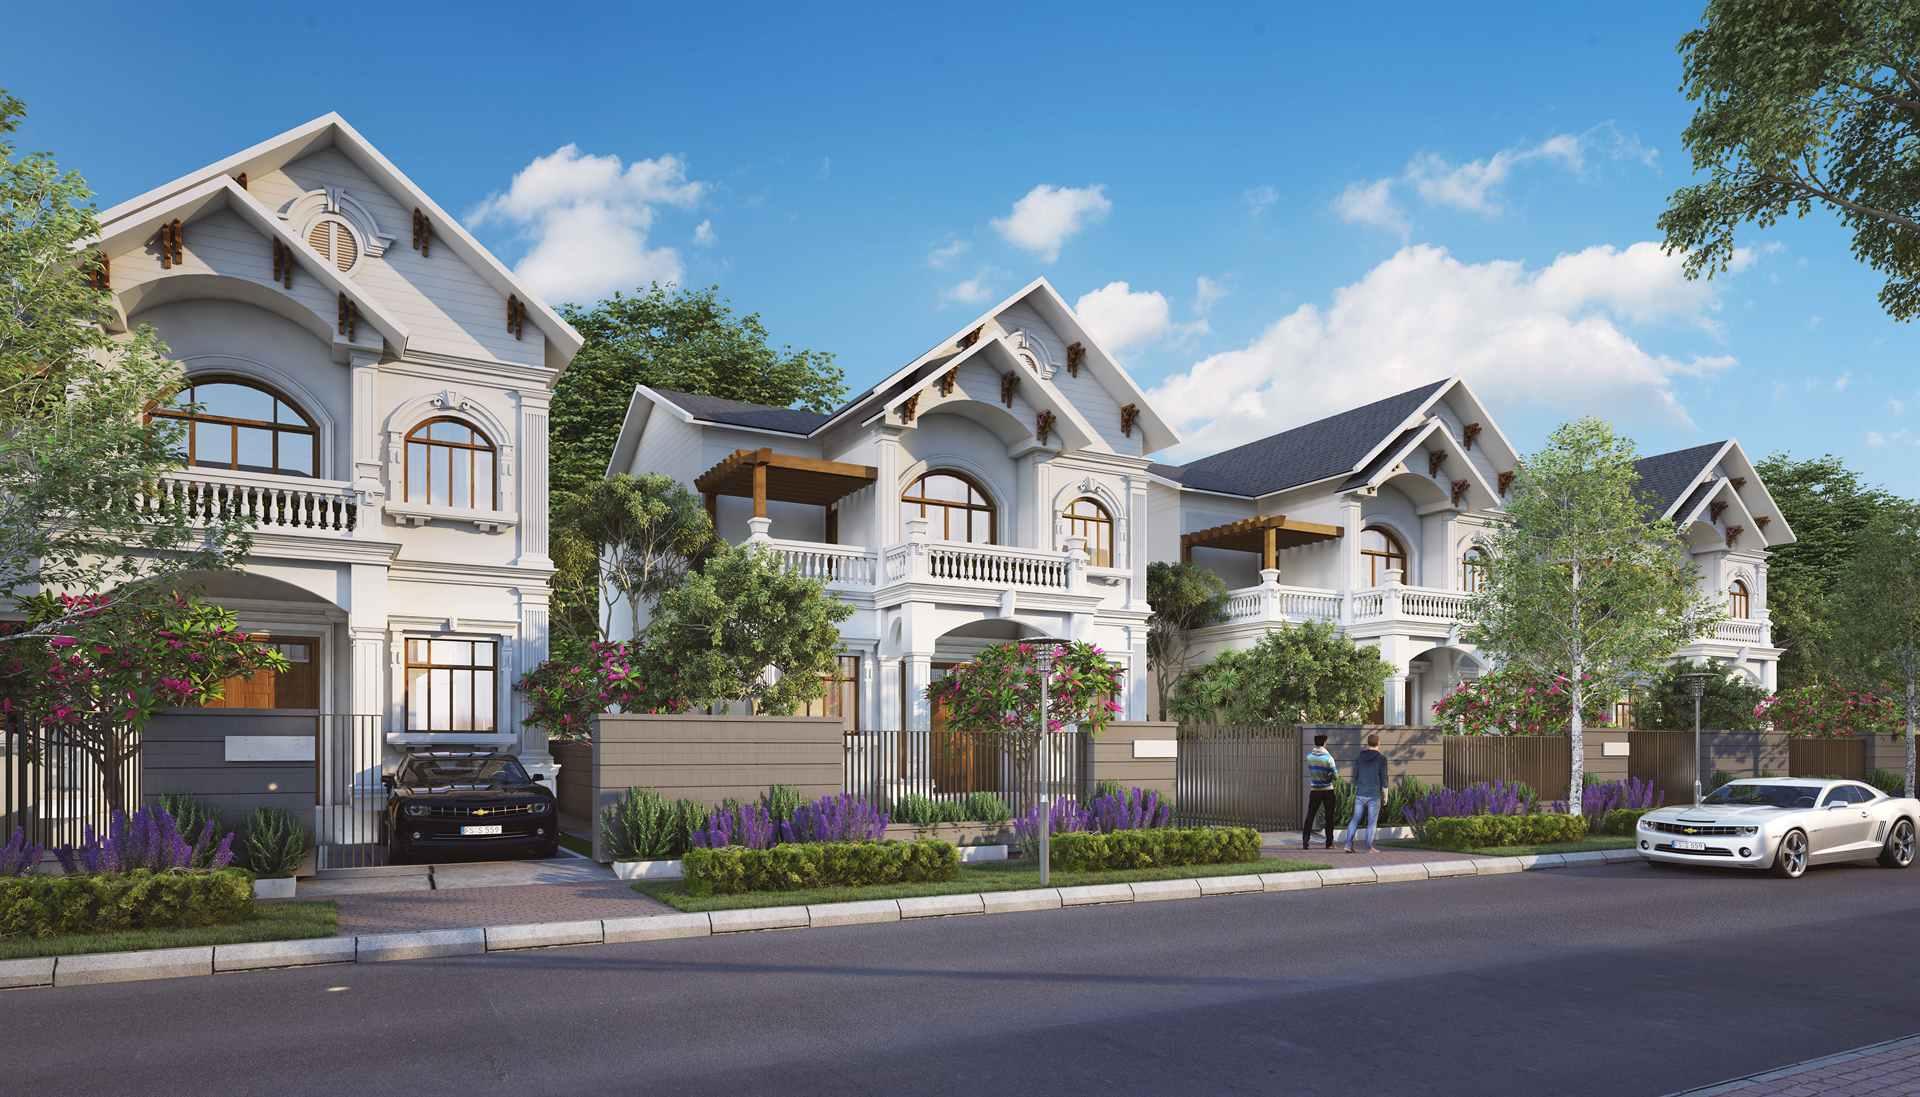 villa biet thu du an dat nen Tan Phuoc Center binh phuoc datxanhmiendong shophousevn